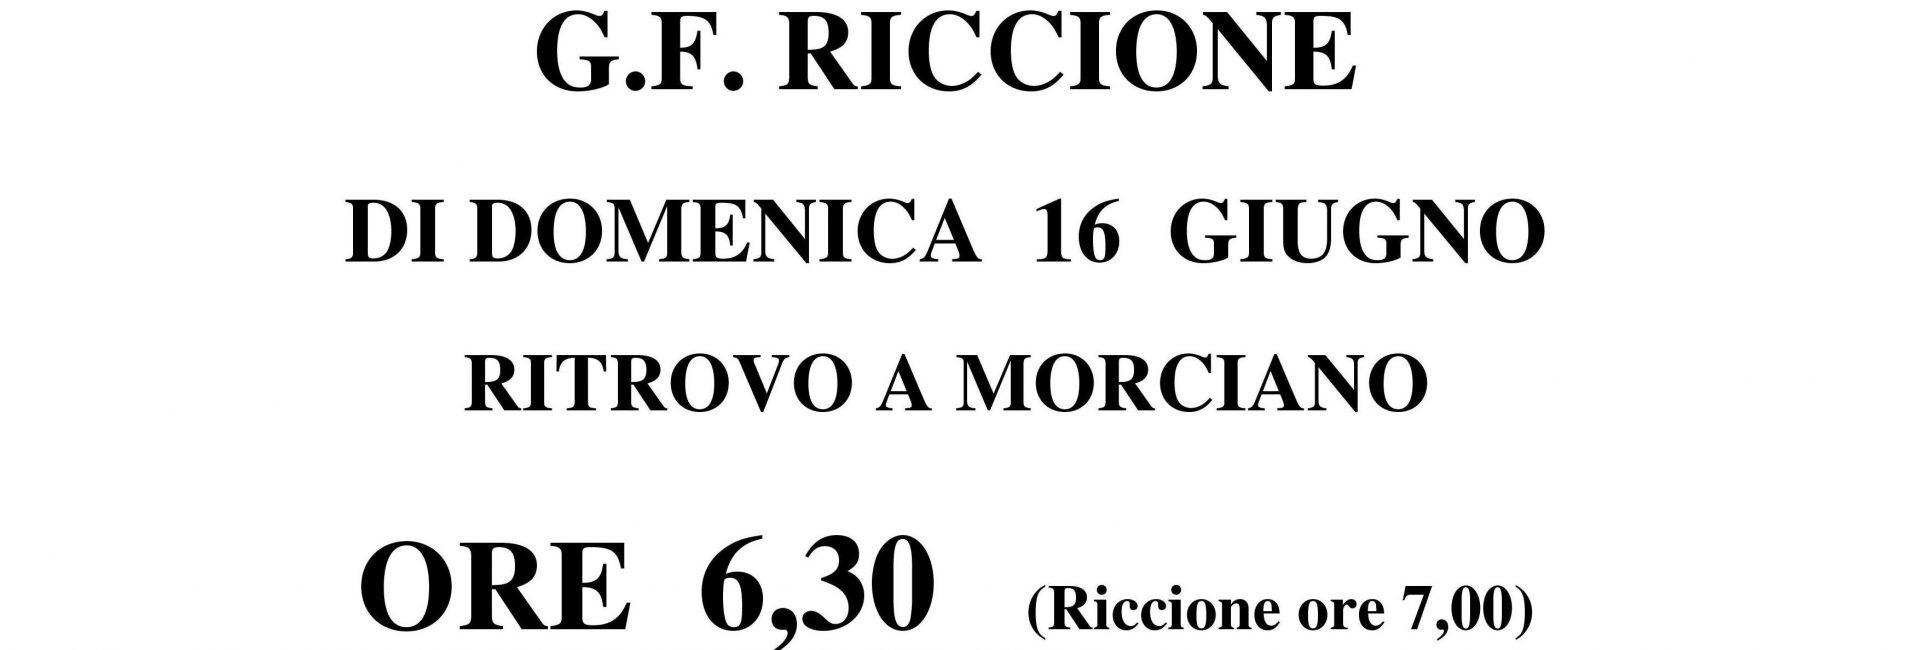 Domenica 16-giu-2019 Riccione Ride